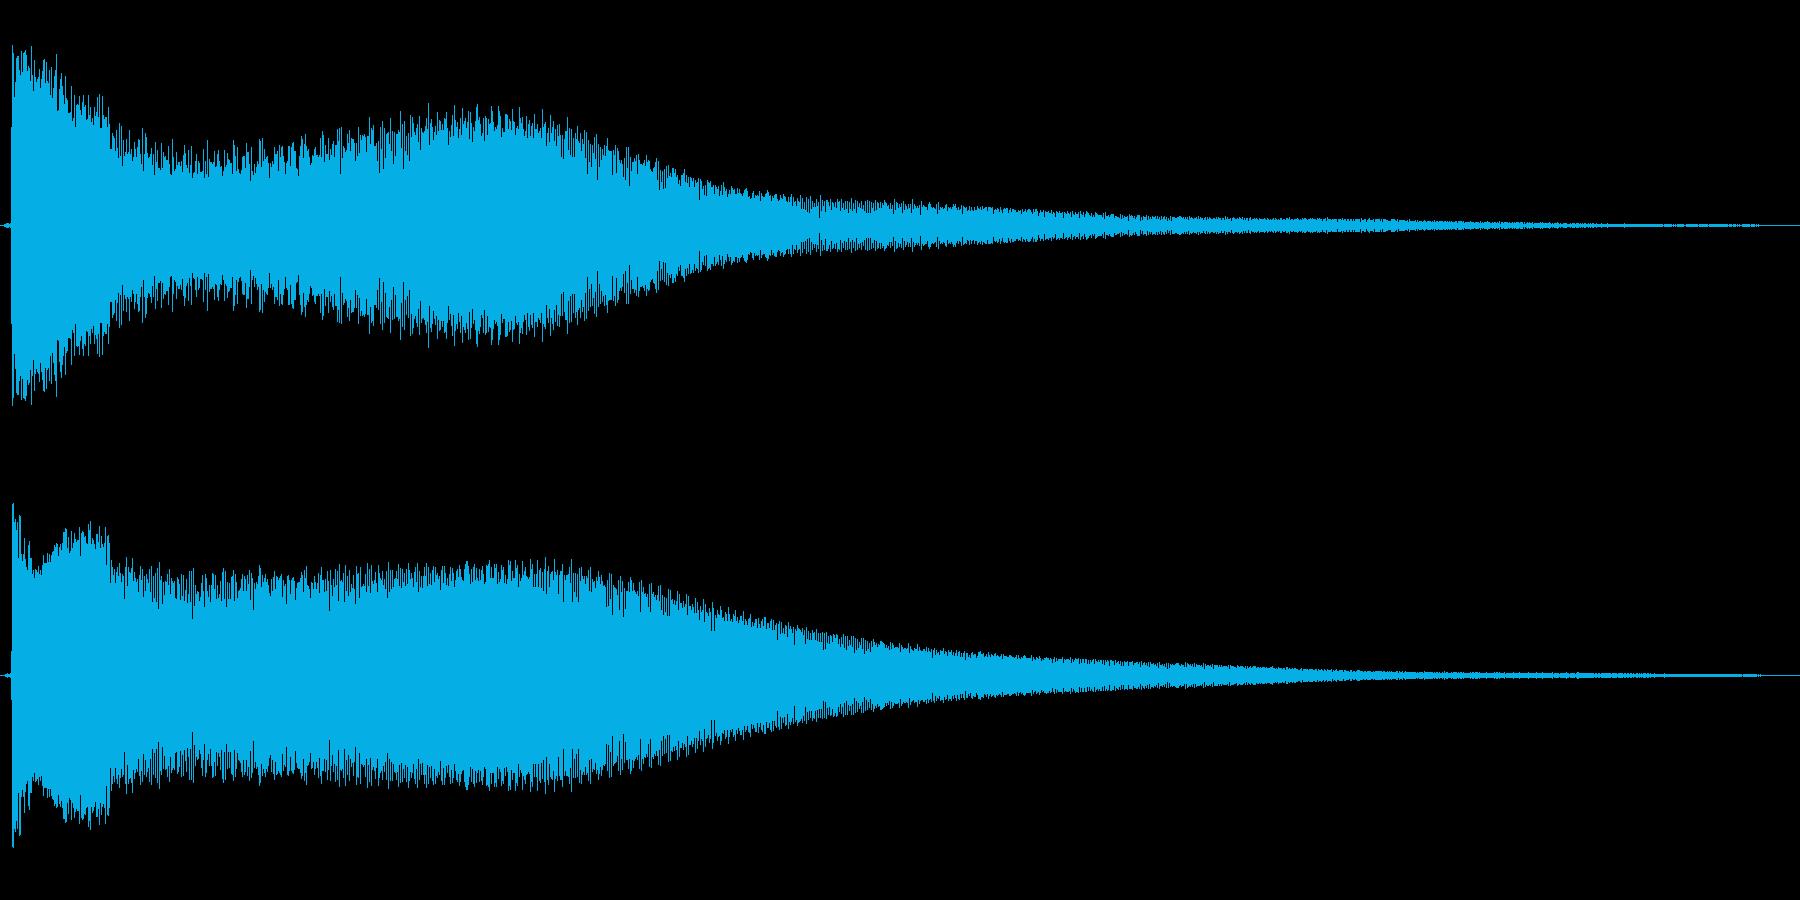 パァ〜ァ〜ァ〜ン(攻撃を受けた時の音)の再生済みの波形